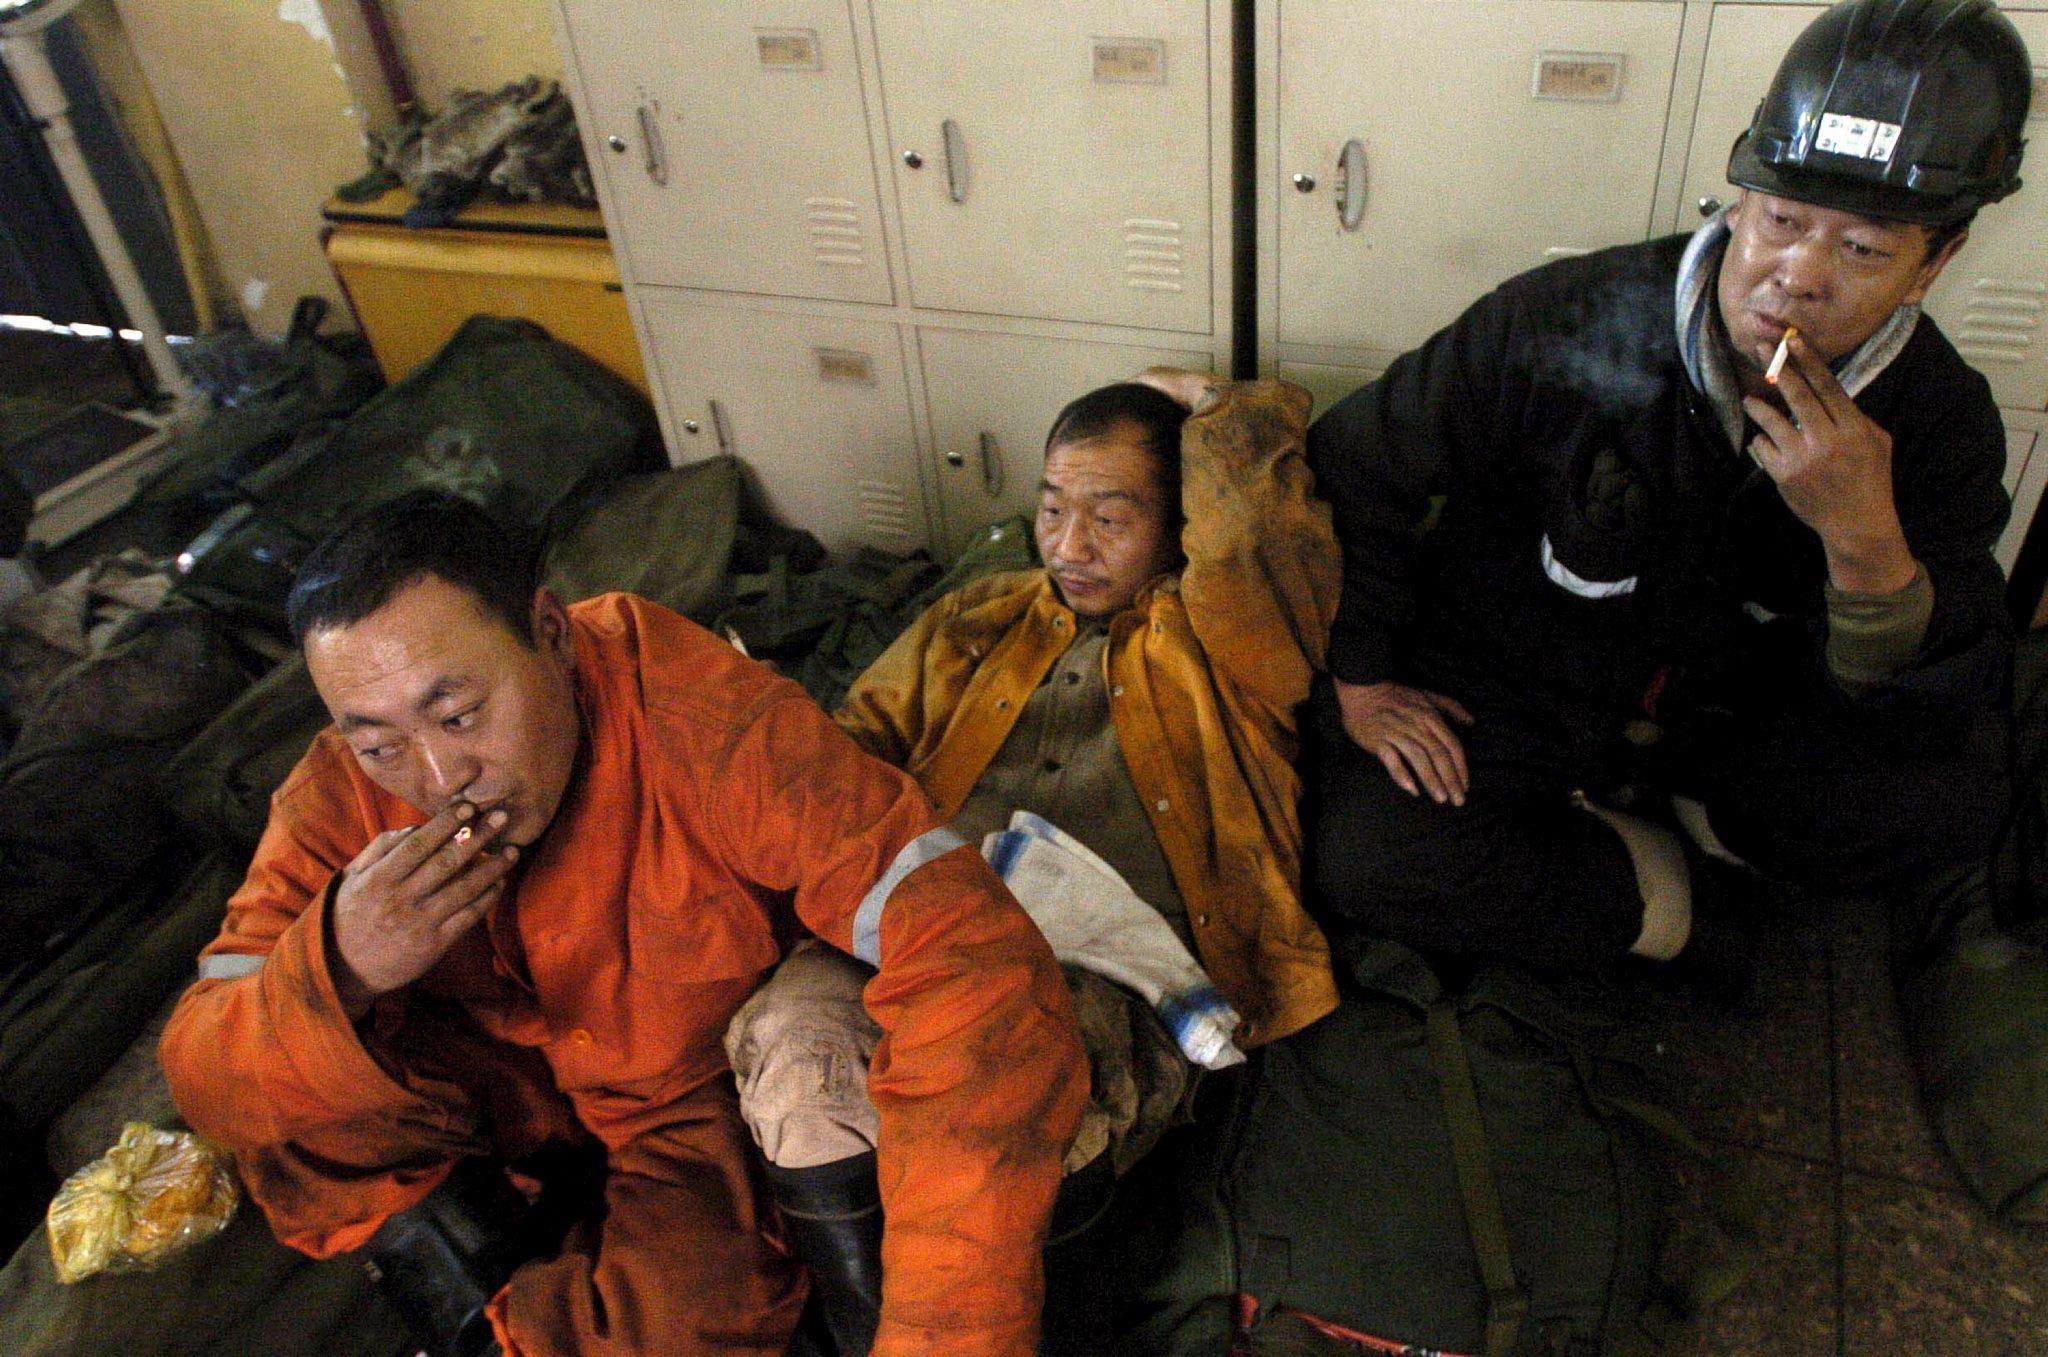 Cina: crolla una miniera, 21 operai morti nel nordest del paese foto 1